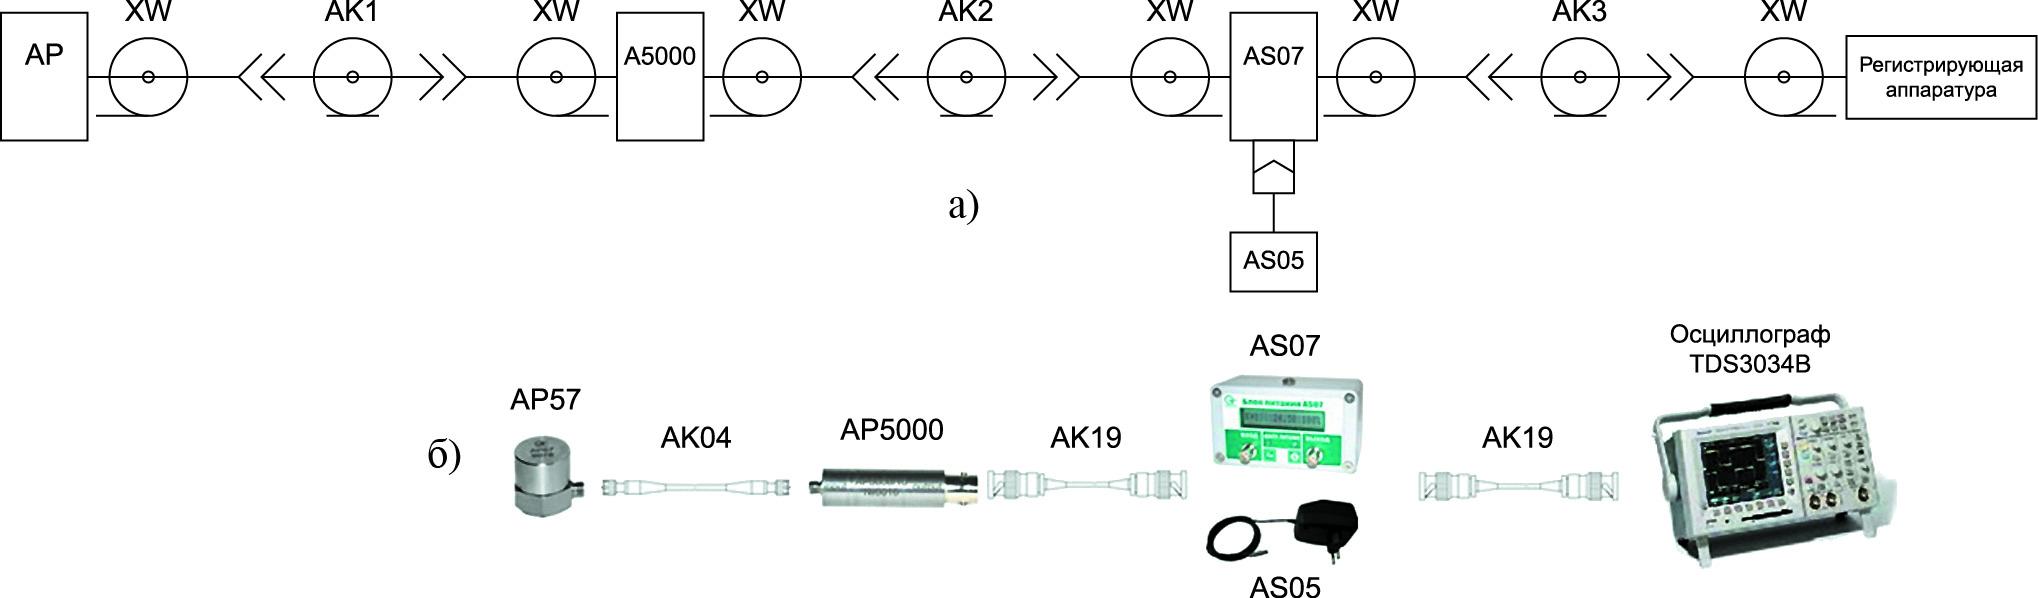 Пример схемы подключения и ее реализация для вибропреобразователя с зарядовым выходом с разъемным соединением и усилителем заряда АР5000